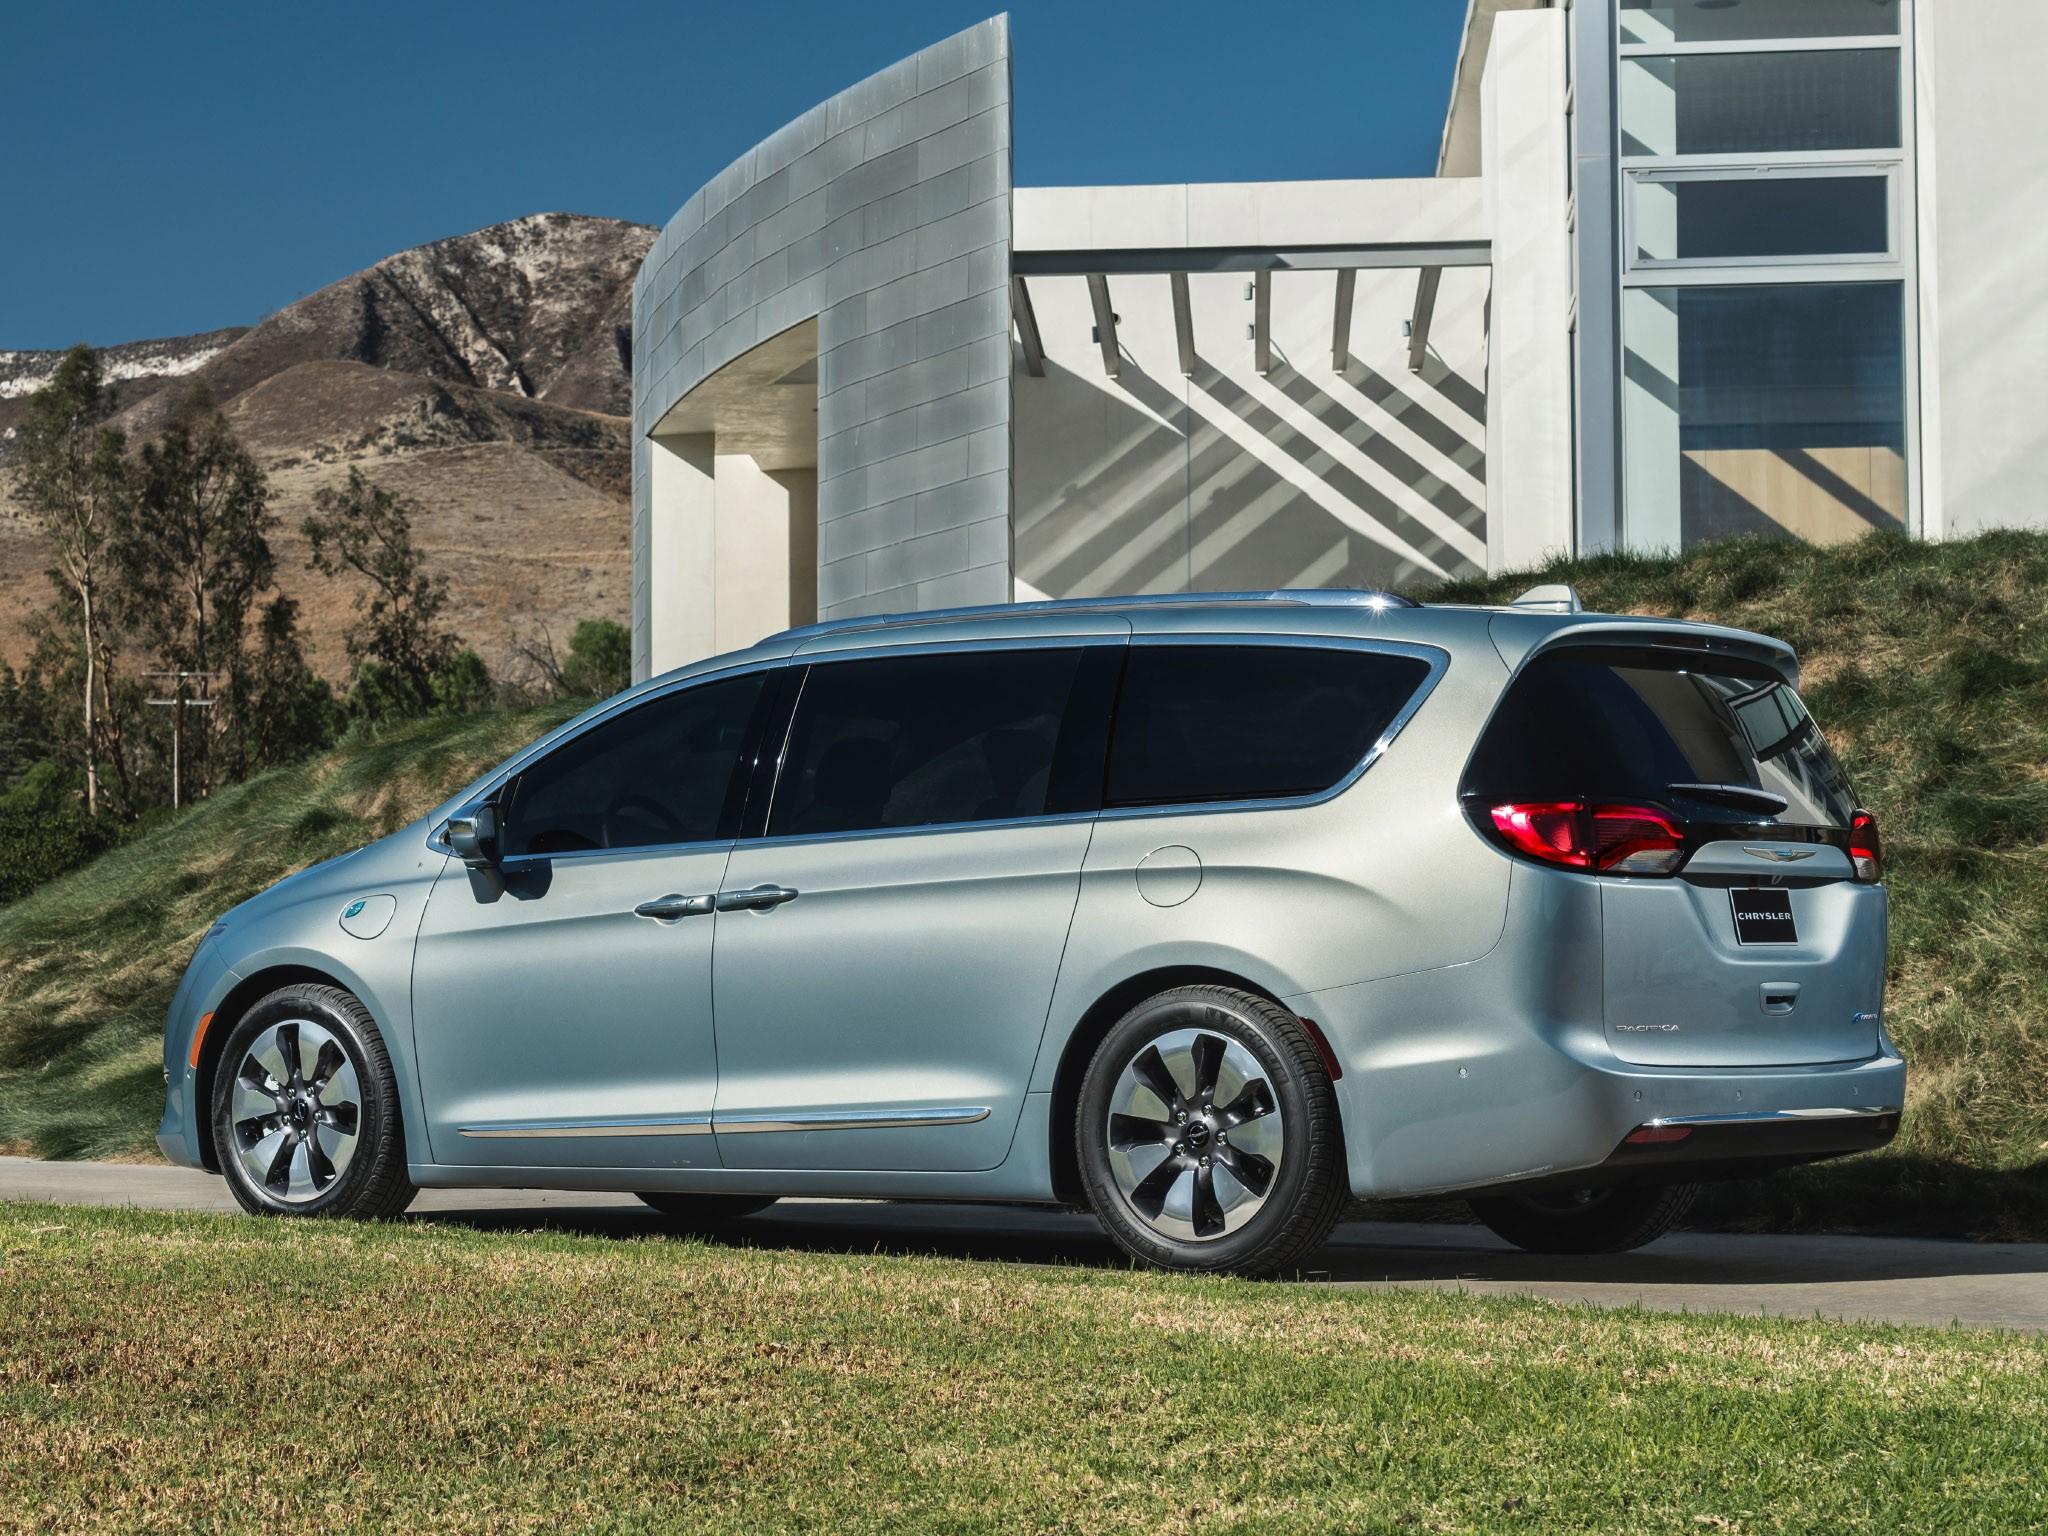 2016 Chrysler Pacifica Hybrid